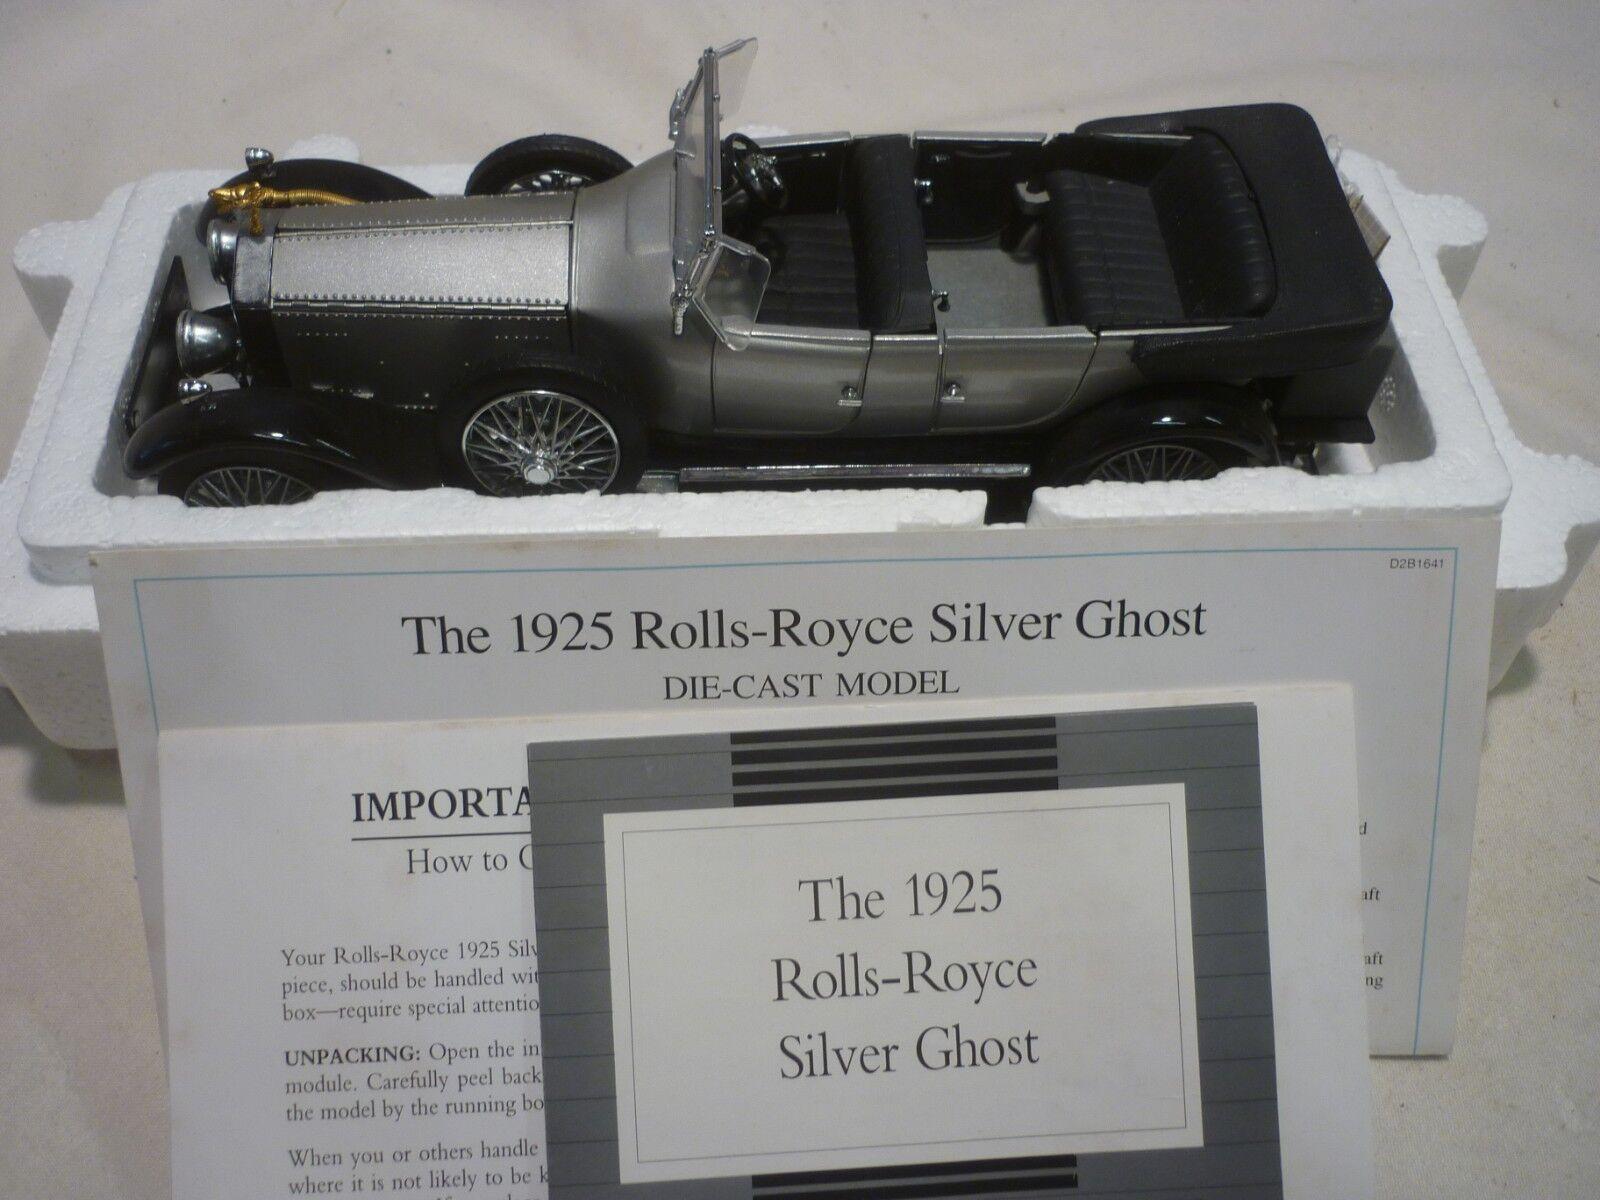 Un Franklin Mint, 1925 Rolls Royce Fantasma De argento, trabajo en papel, en Caja